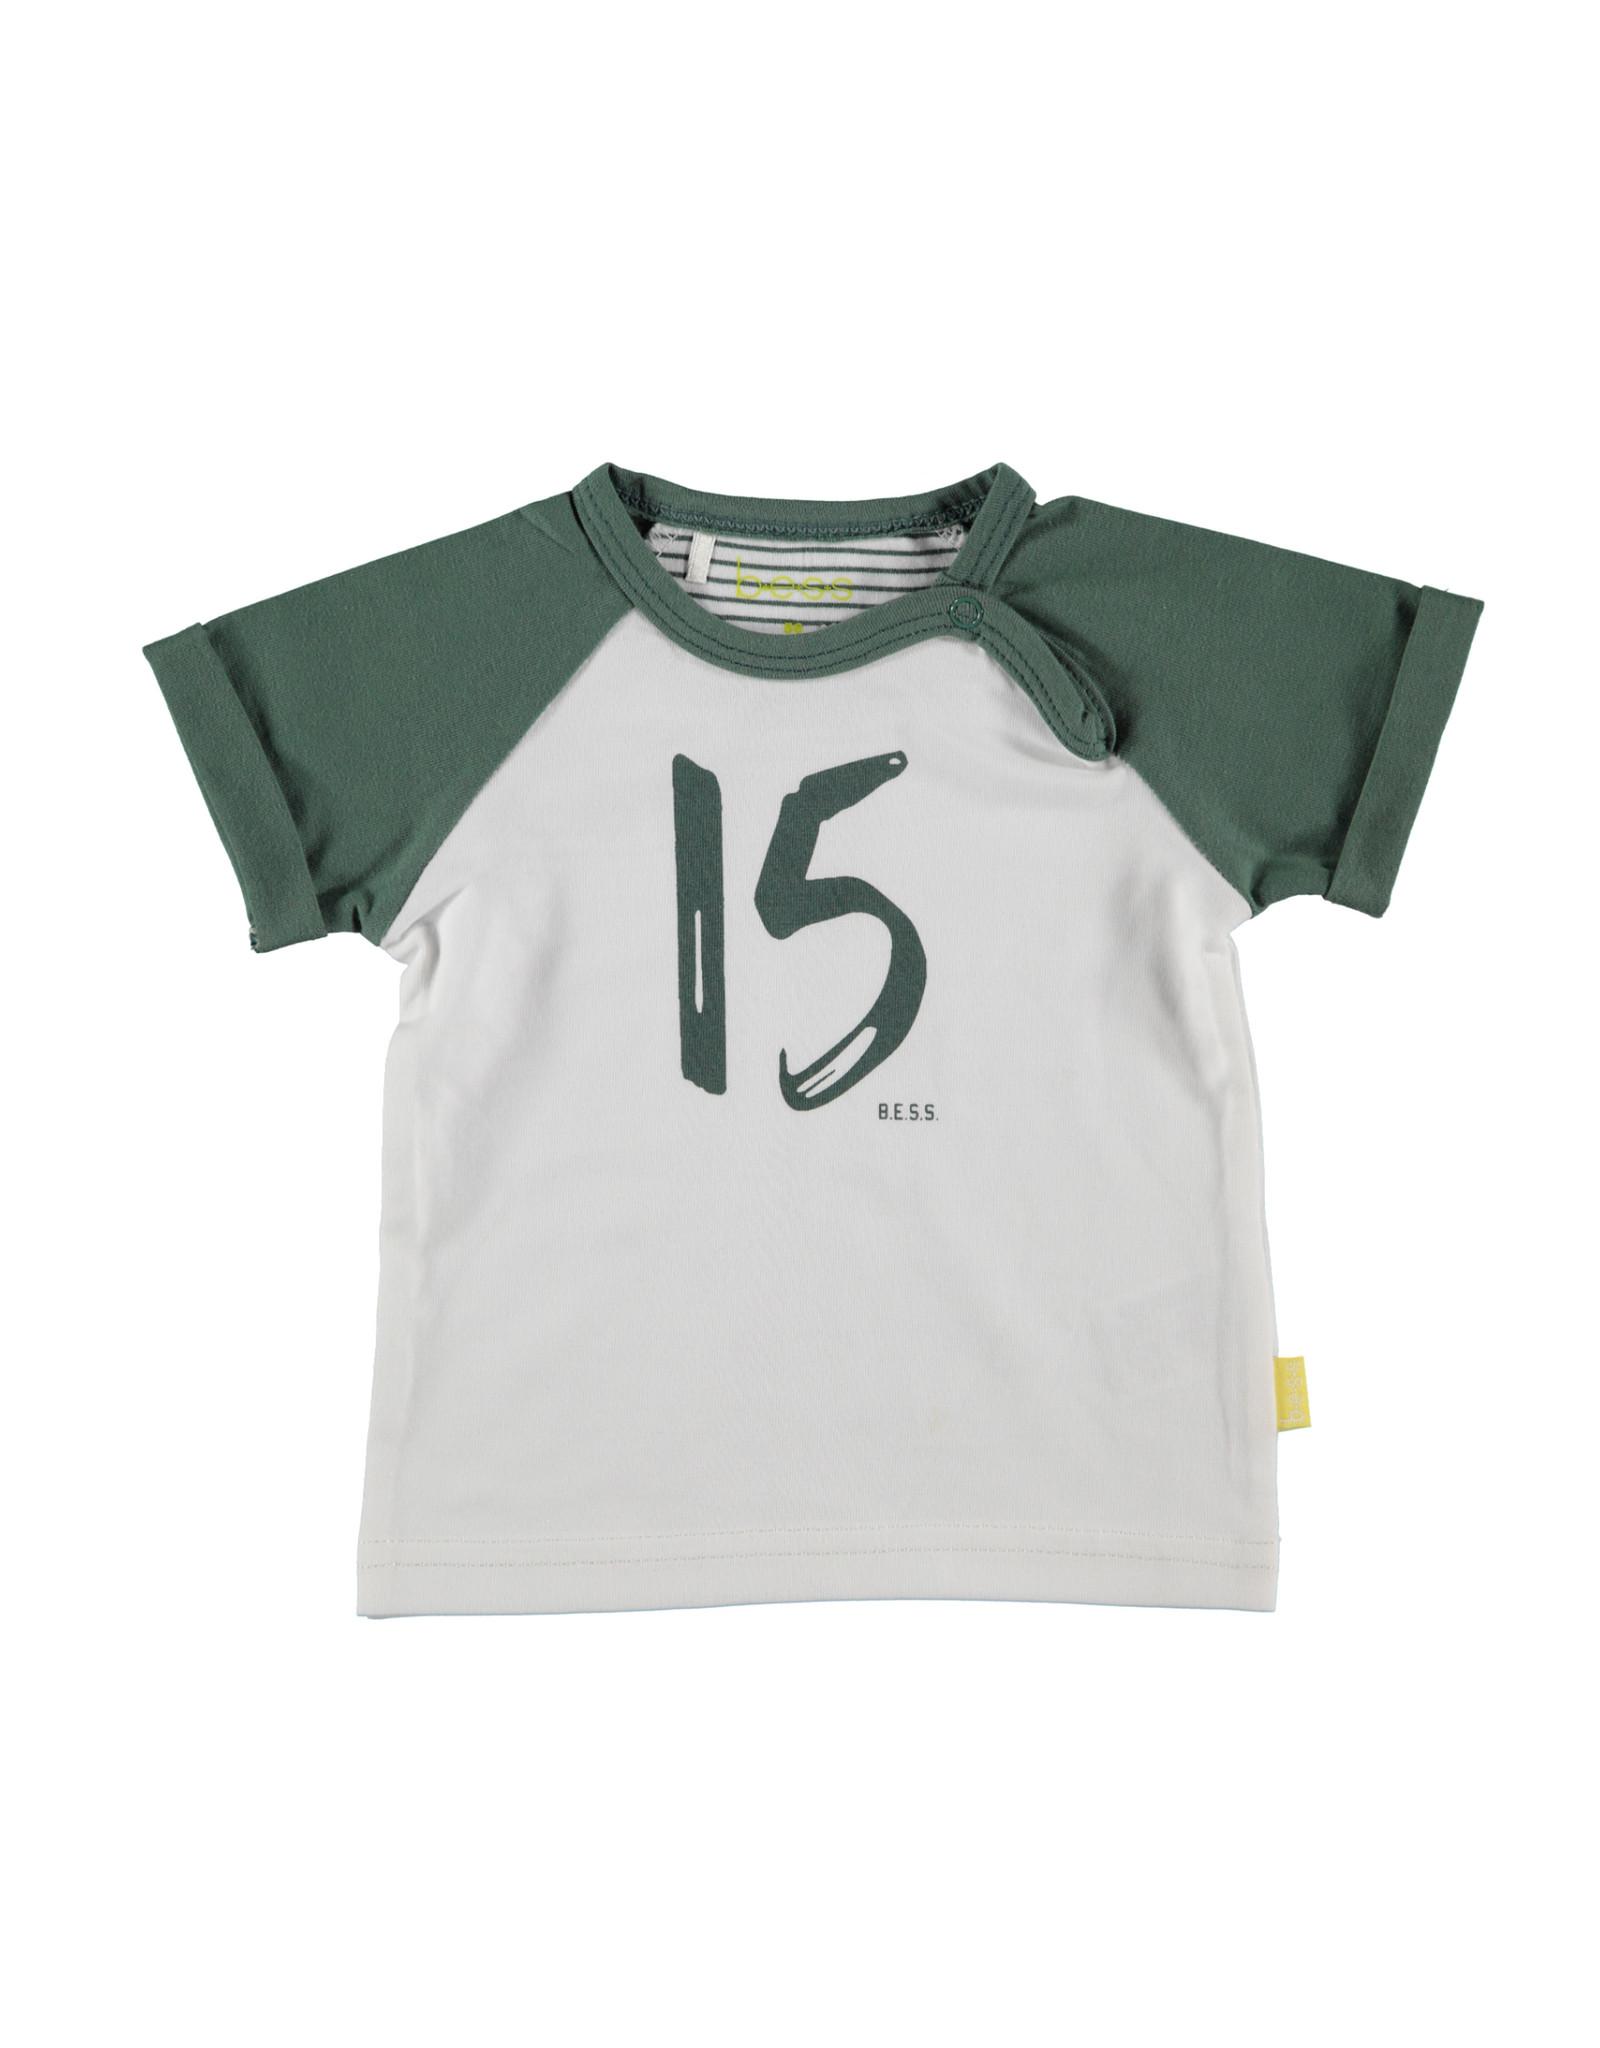 B.E.S.S. Shirt sh.sl. 15, White